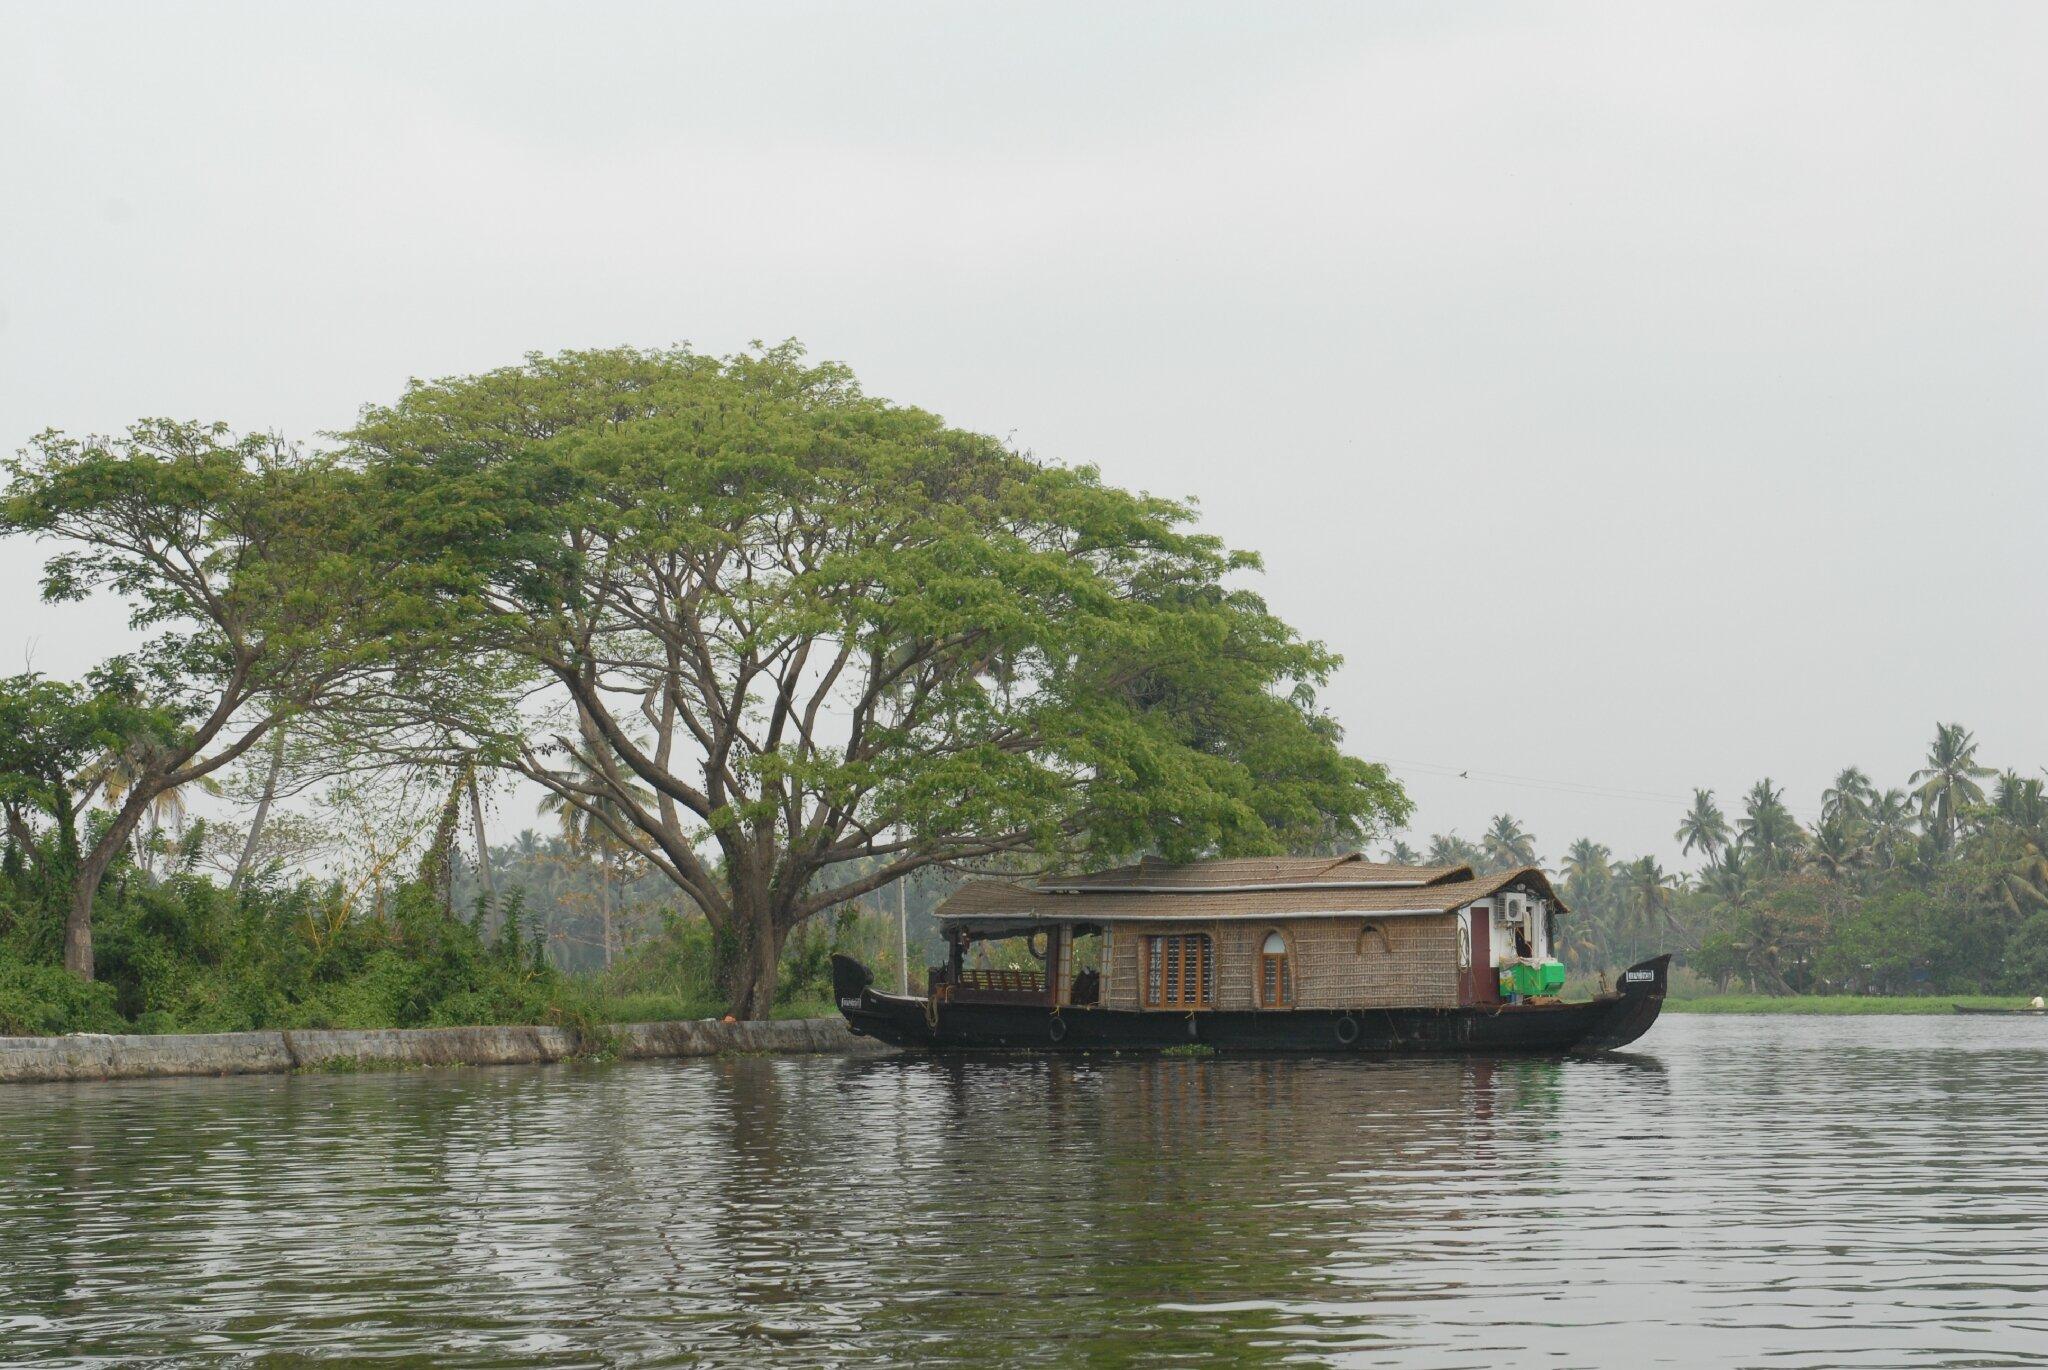 house boat sur les backwaters à Allepy